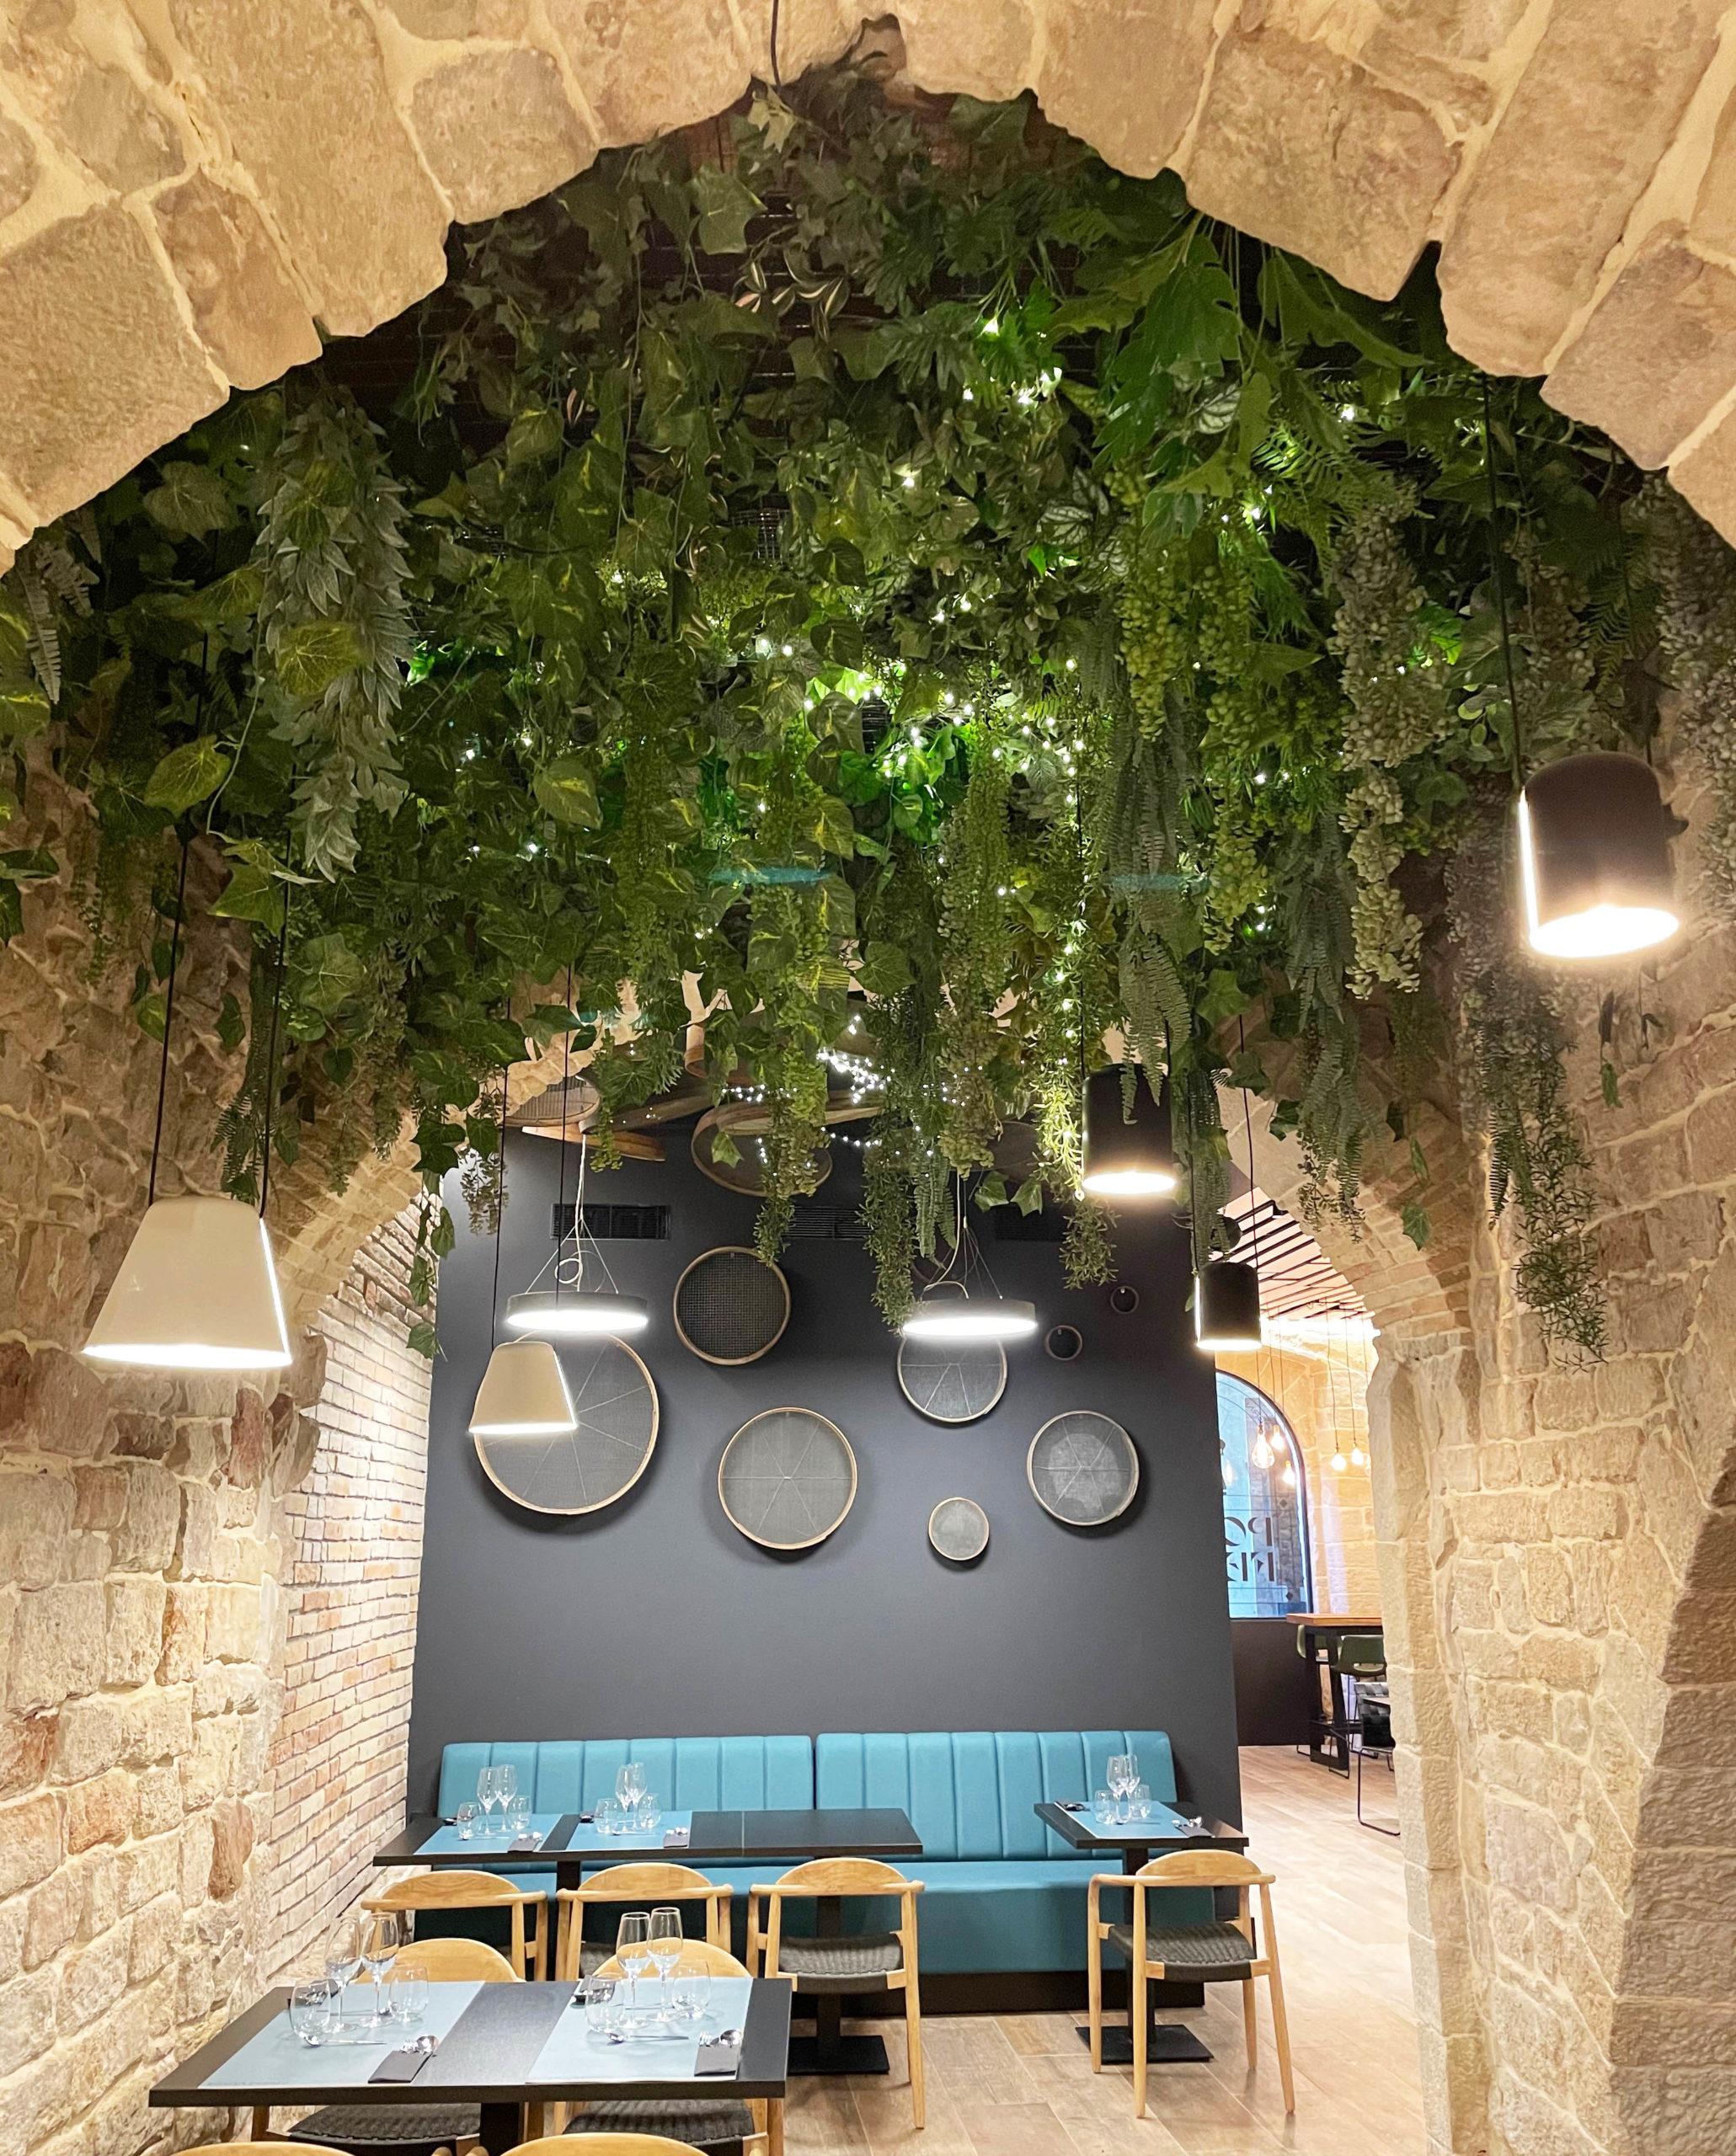 Jardín vertical (Porta Ferro) by Duplex by DUPLEX STUDIO - Creative Work